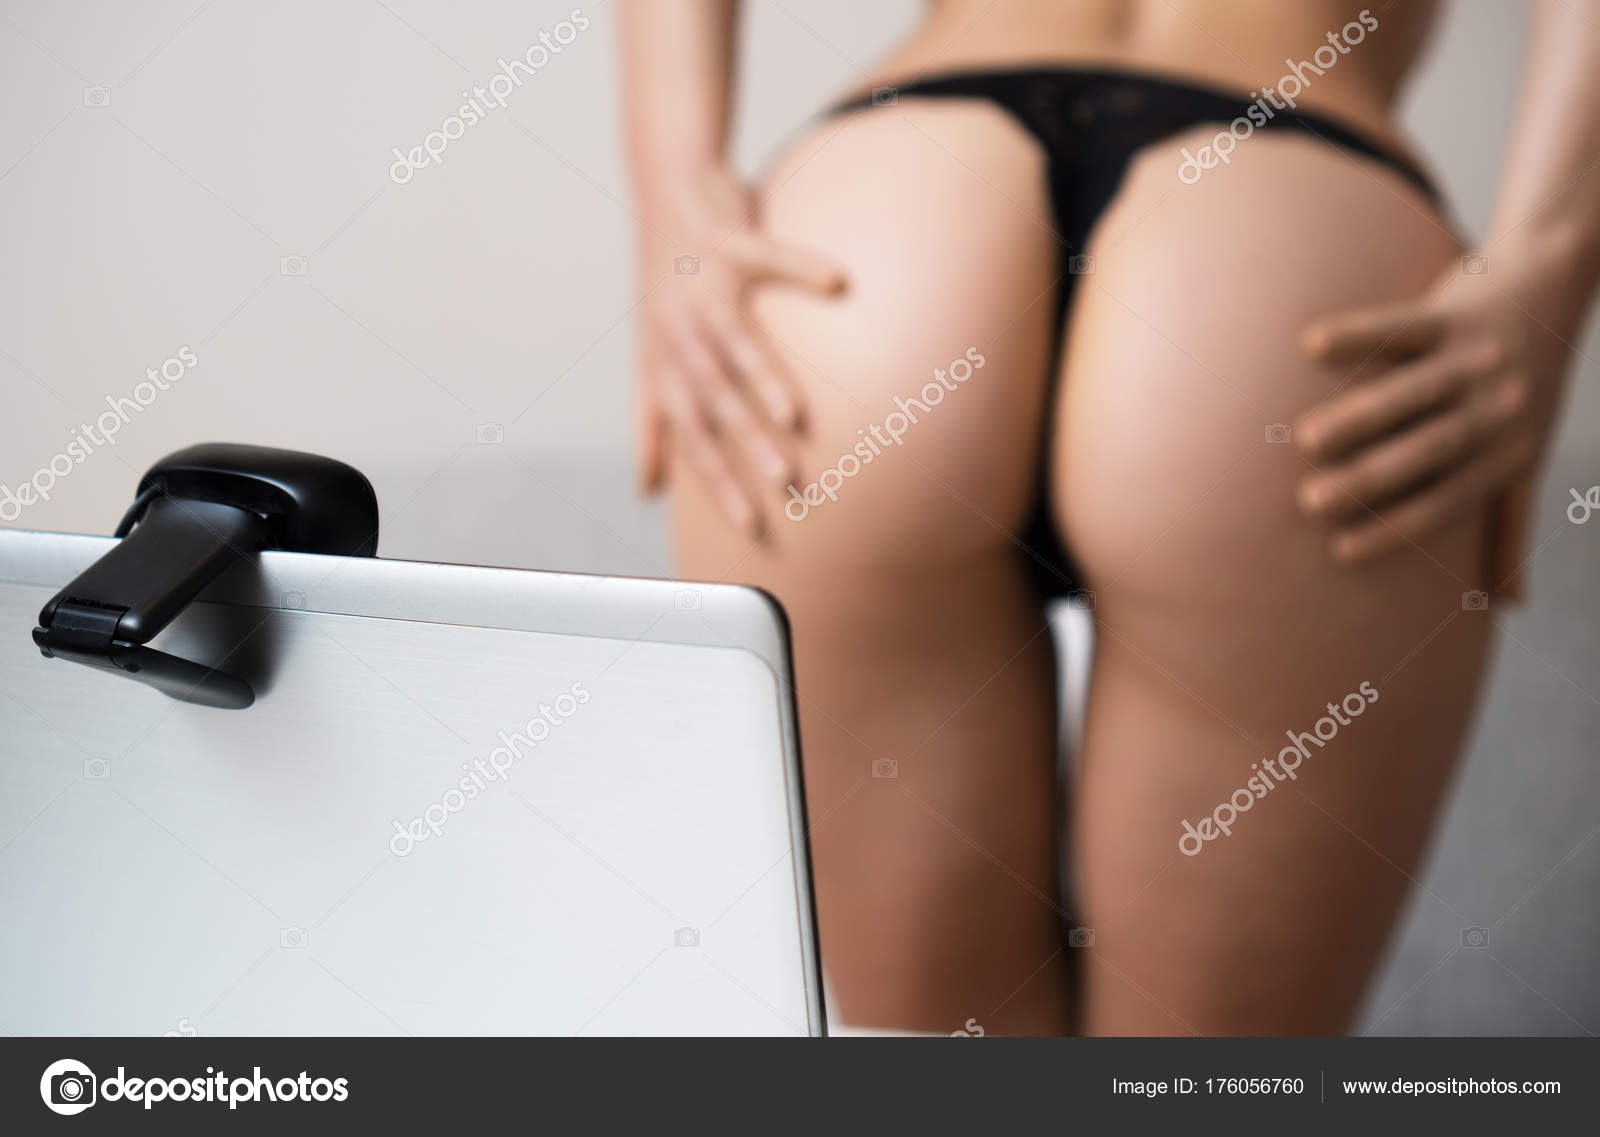 Женщины виртуальный секс